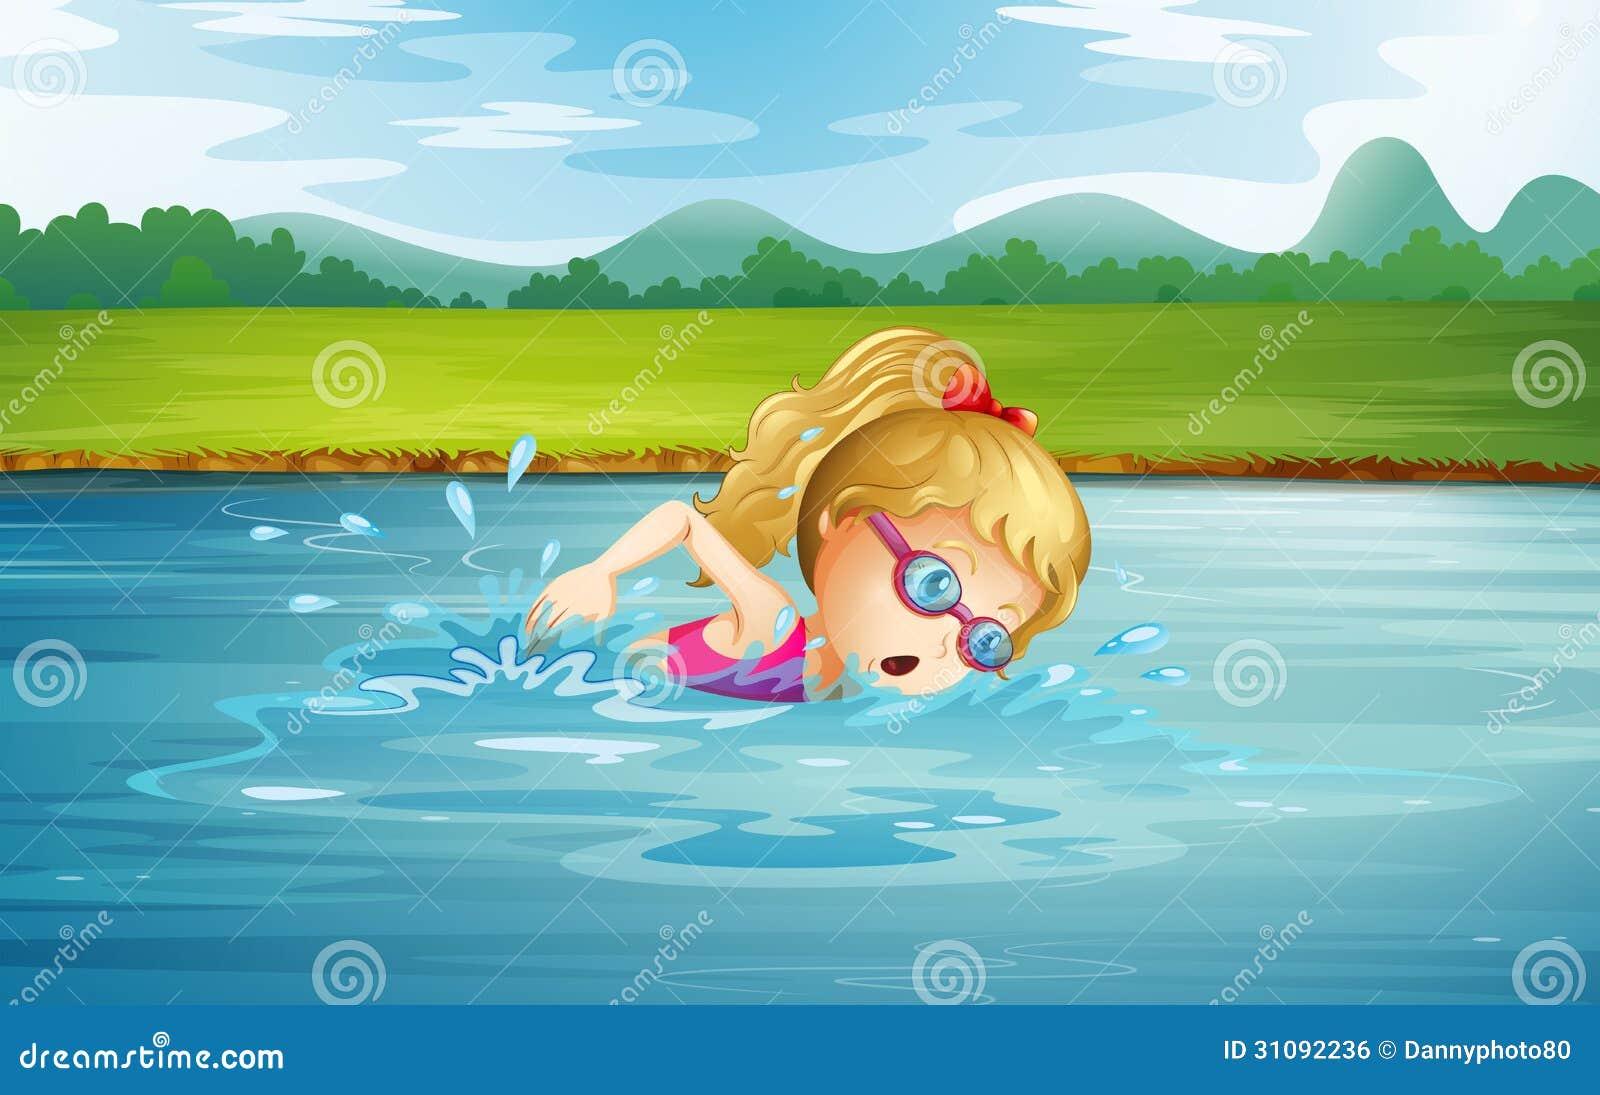 Een meisje die bij de rivier zwemmen royalty vrije stock afbeelding afbeelding 31092236 - Een kamer van een meisje ...